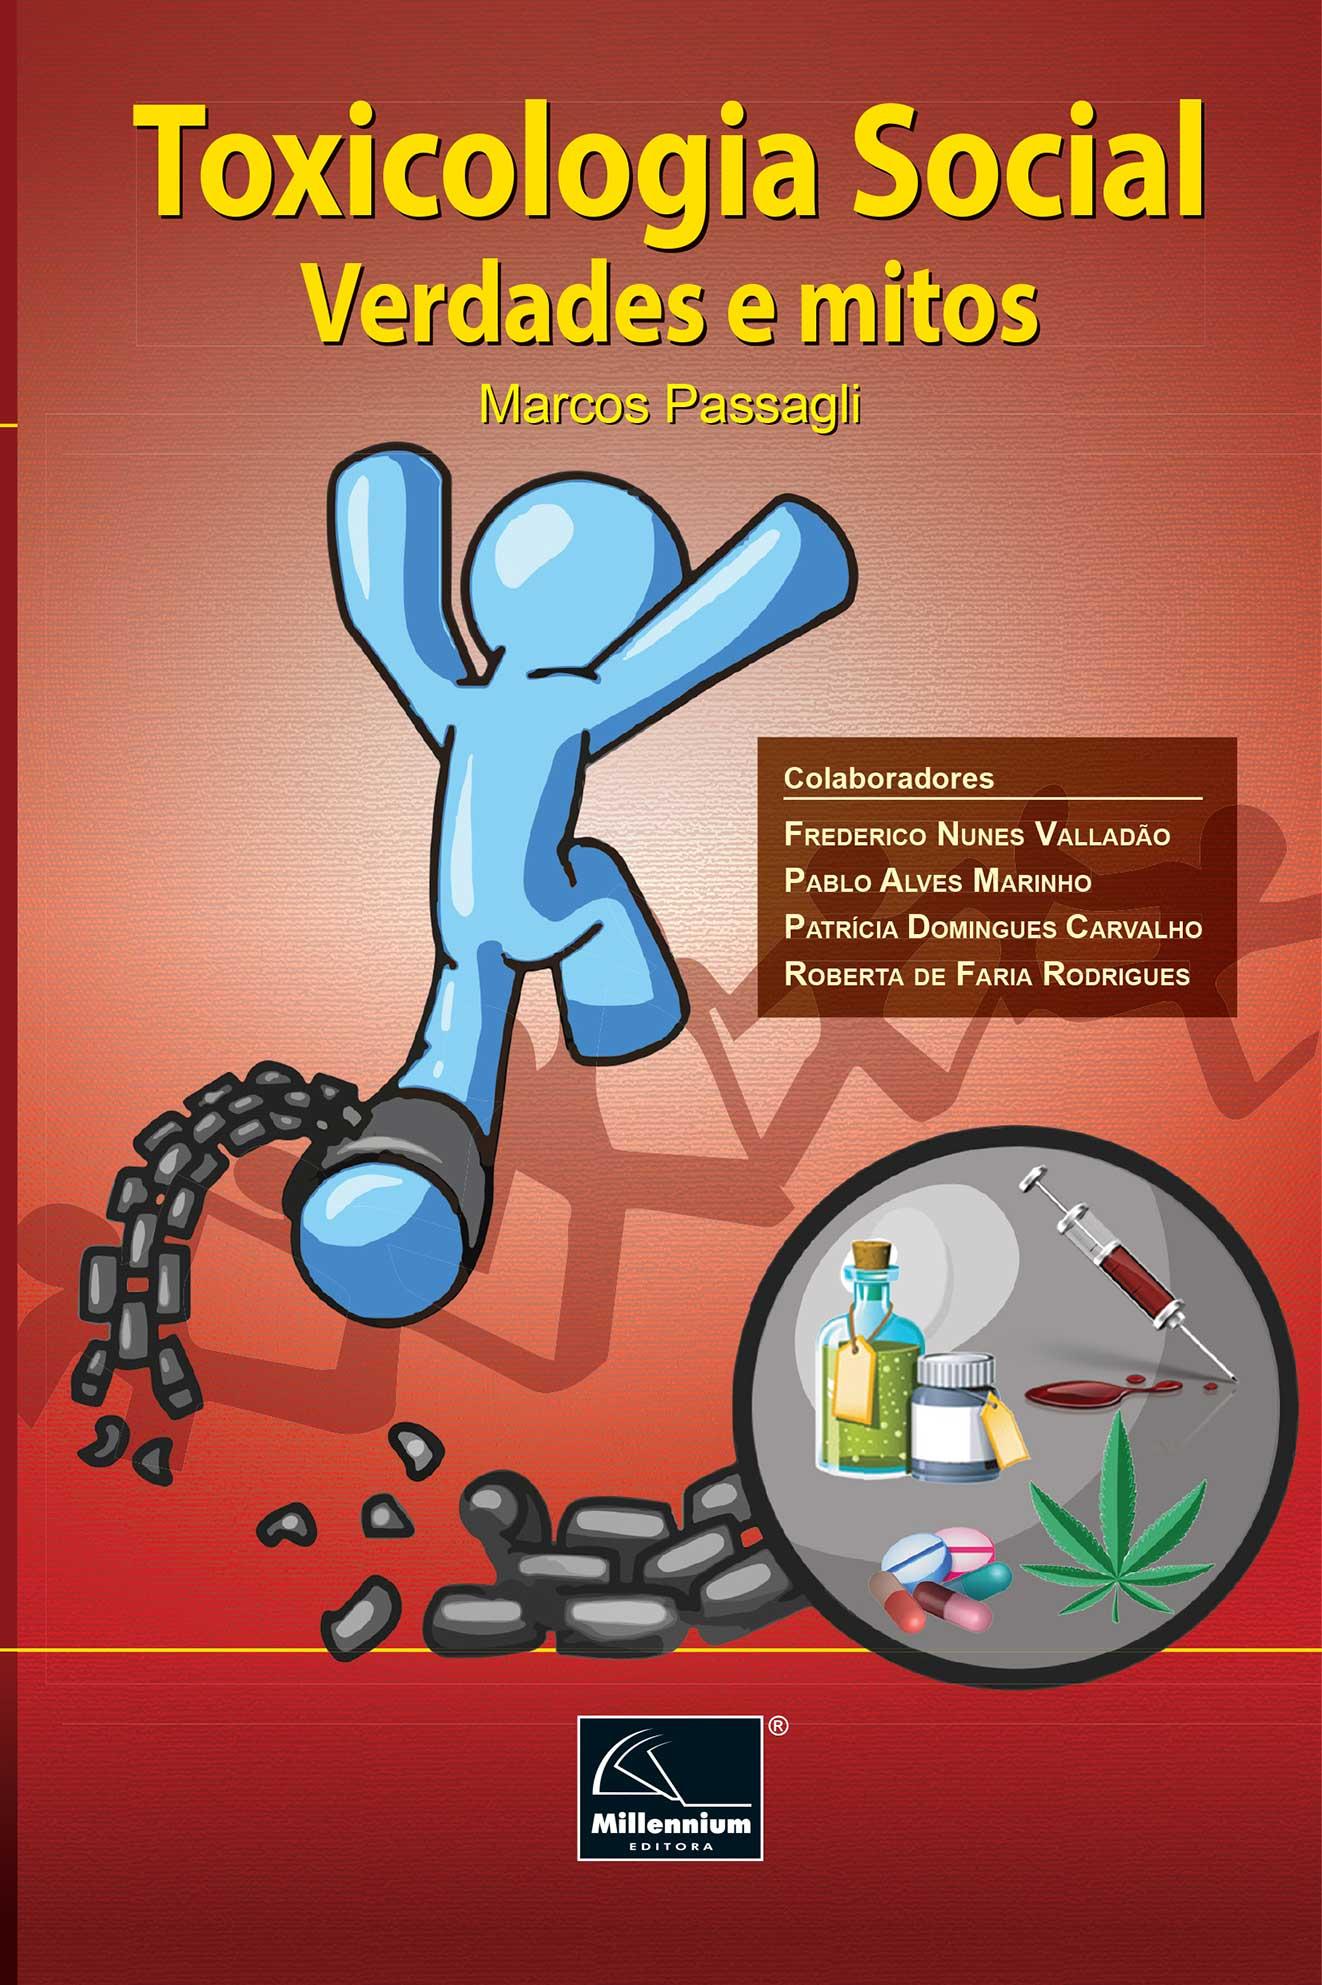 Toxicologia Social: Verdades e mitos <b>Autor: Marcos Passagli</b>  - Millennium Editora - Livros de Perícia